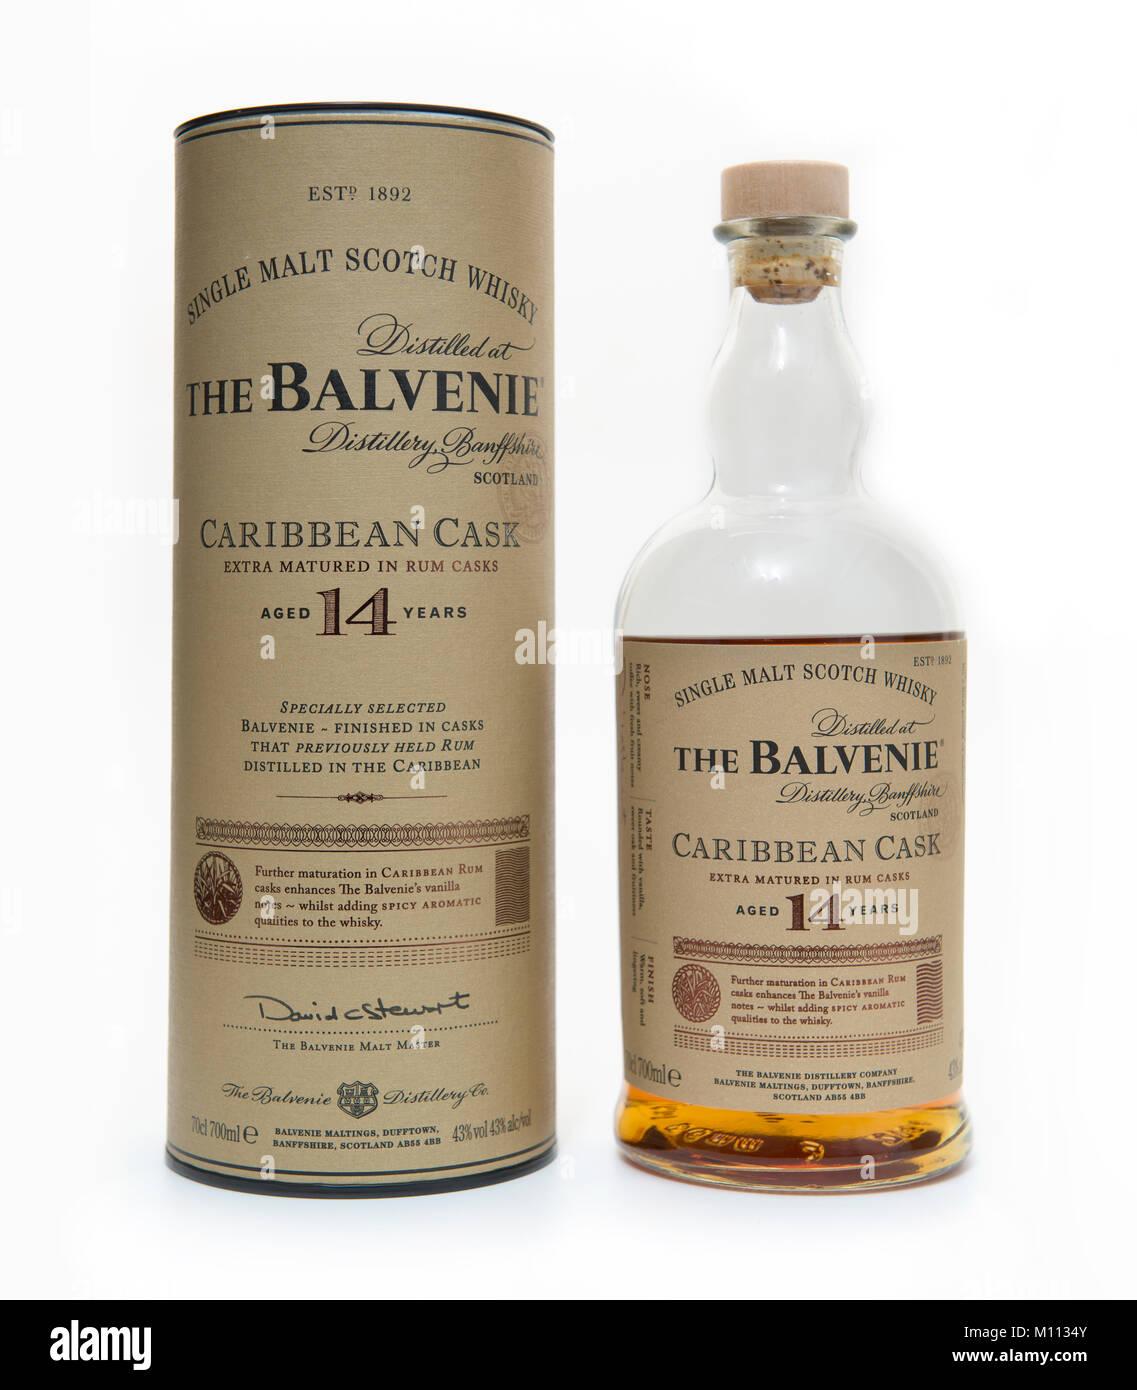 El Balvenie 14 años Caribe Cask single malt scotch whisky botella y el embalaje exterior. Imagen De Stock